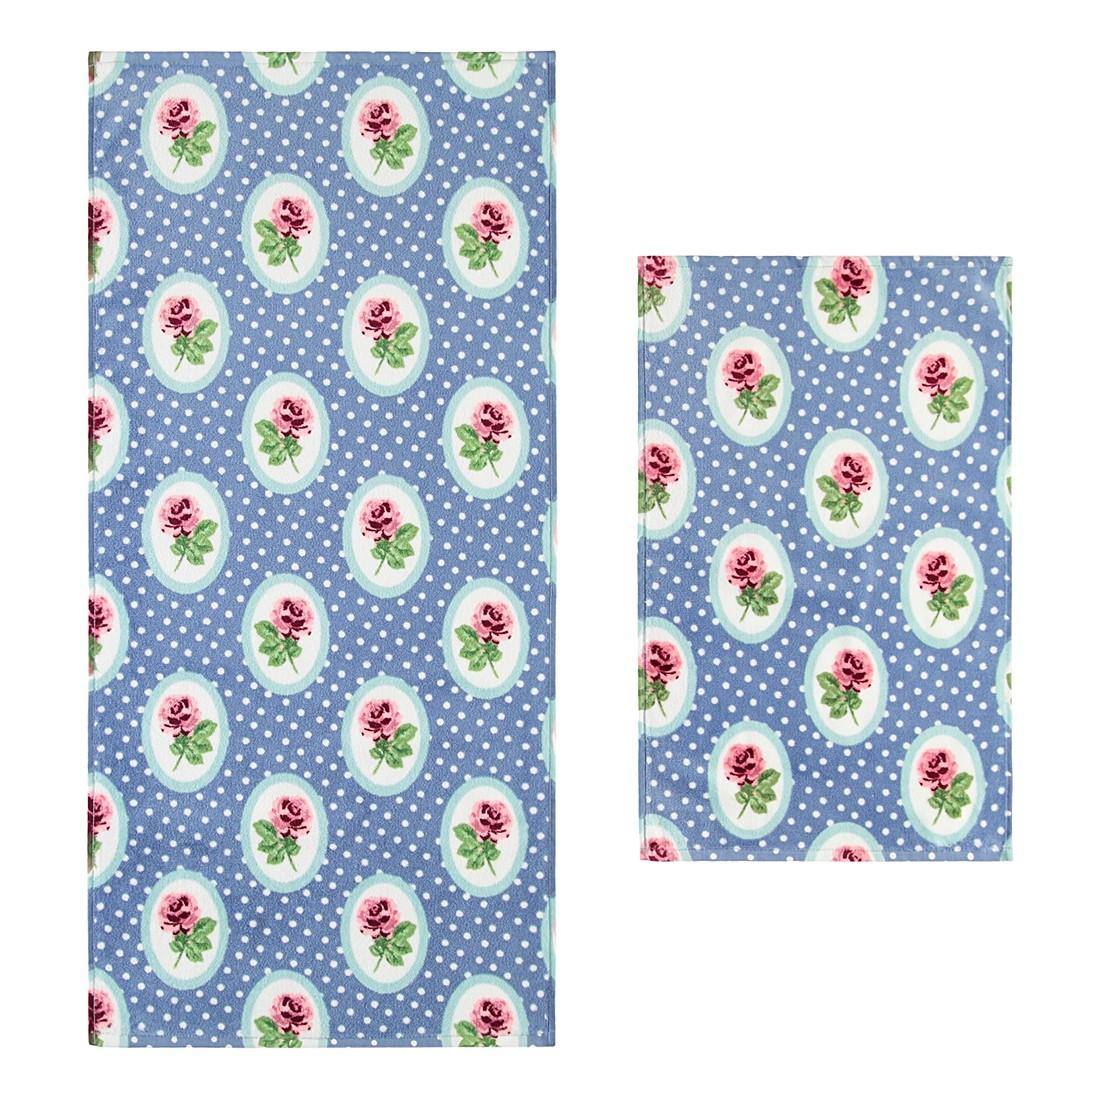 Handtuch Pretty Roses – 100% Baumwolle steelblue – 002 – Gästetuch: 40 x 60 cm, Vossen günstig kaufen